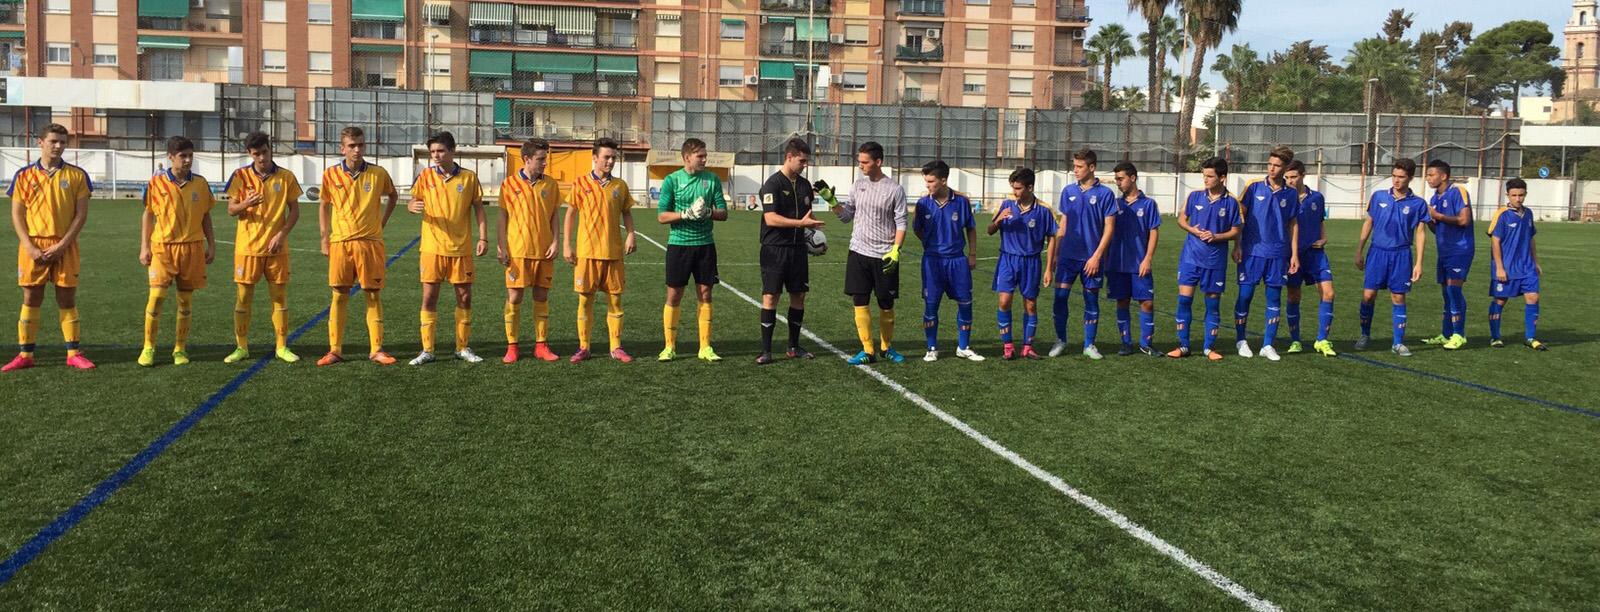 Convocatoria de entrenamiento para la selecci n sub 16 ffcv for Federacion valenciana de futbol